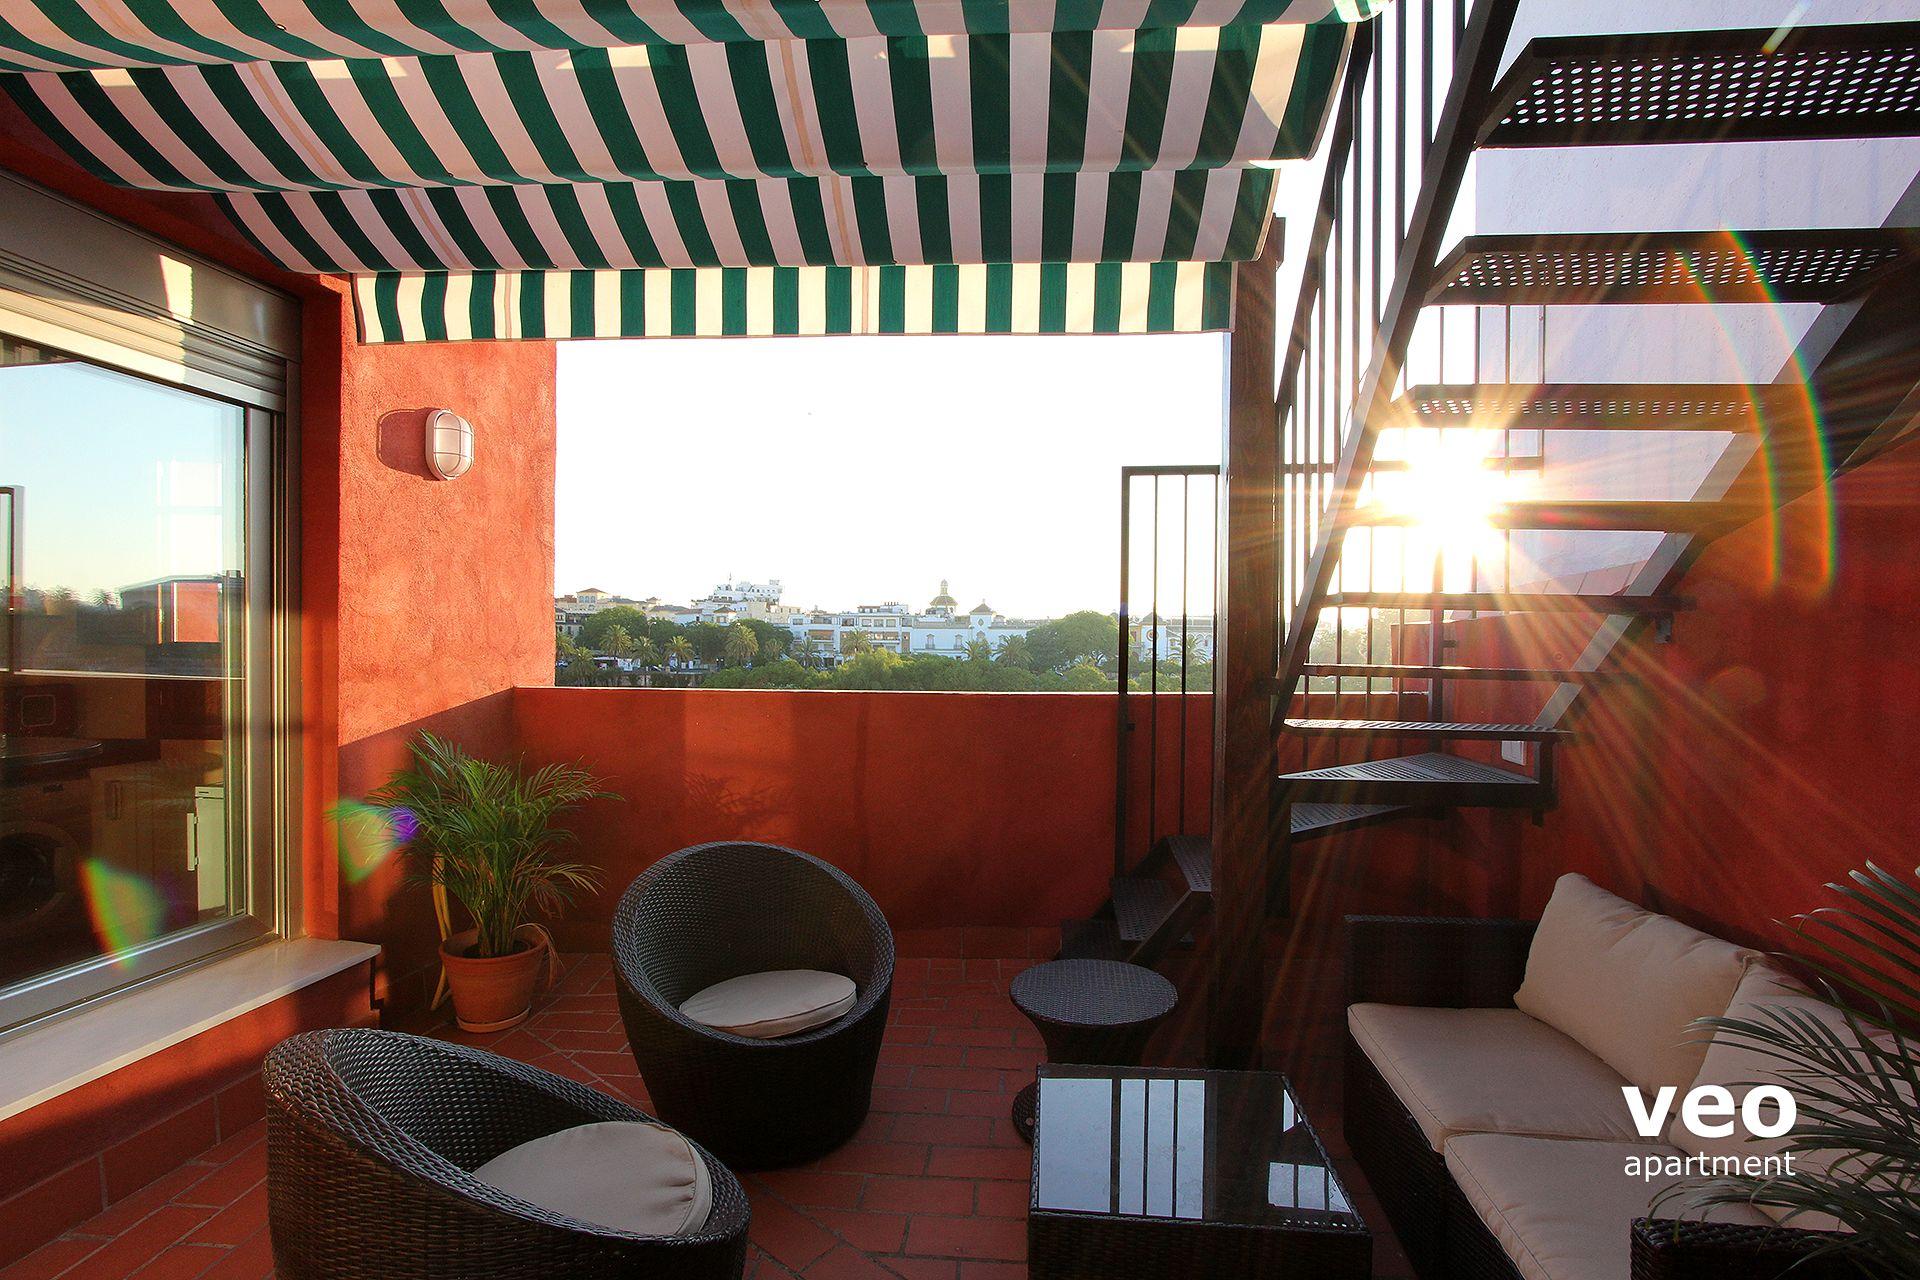 Seville apartment betis street seville spain betis for Apartment terrace furniture